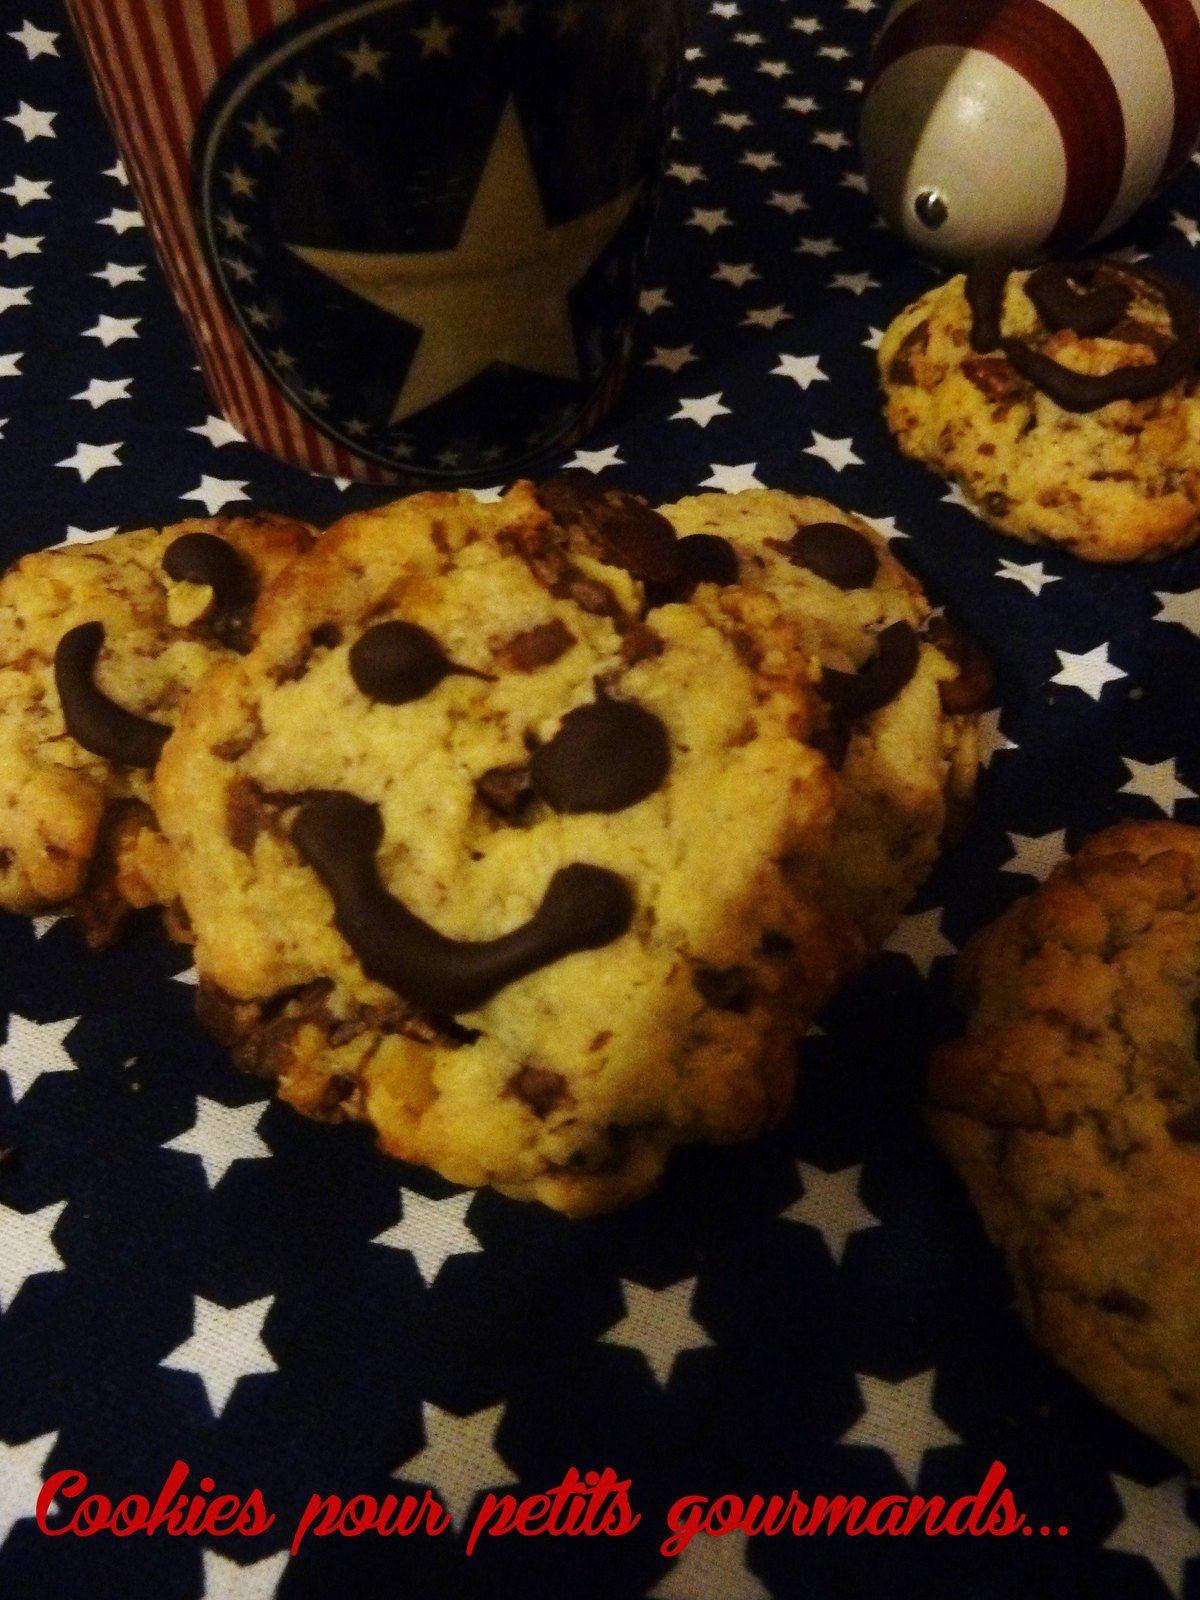 Cookies pour gourmand(e)s en culottes courtes